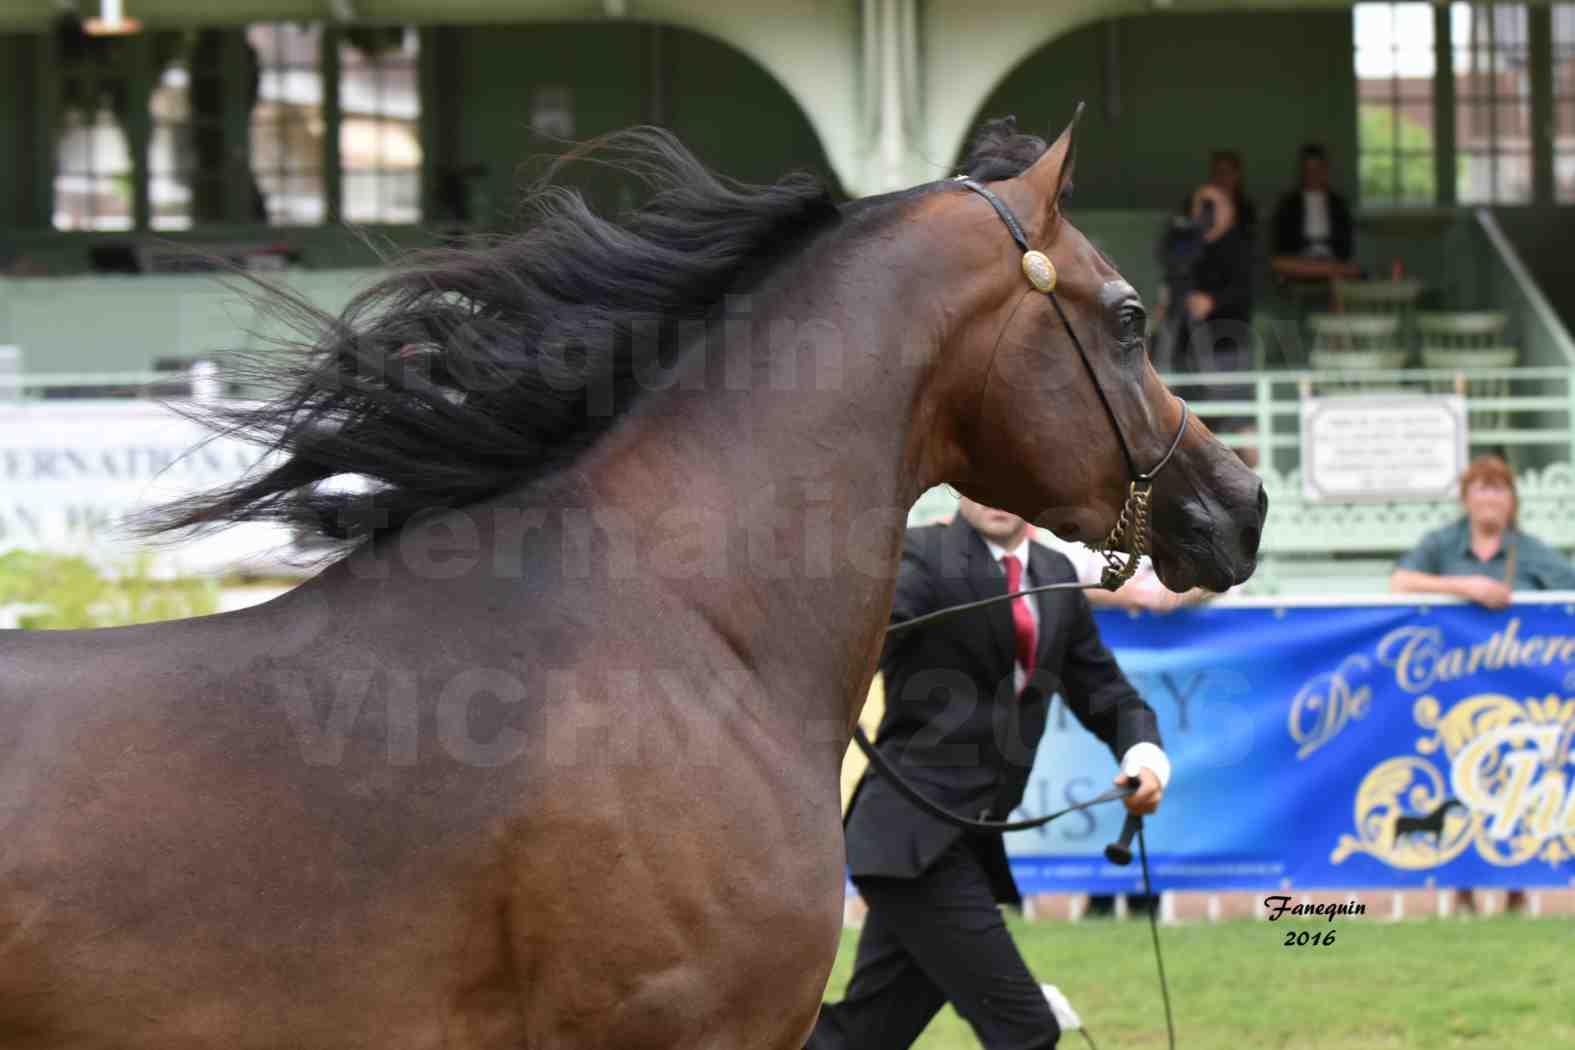 International Arabian Horse Show B de VICHY 2016 - MILLIAR - Notre Sélection - Portraits - 1